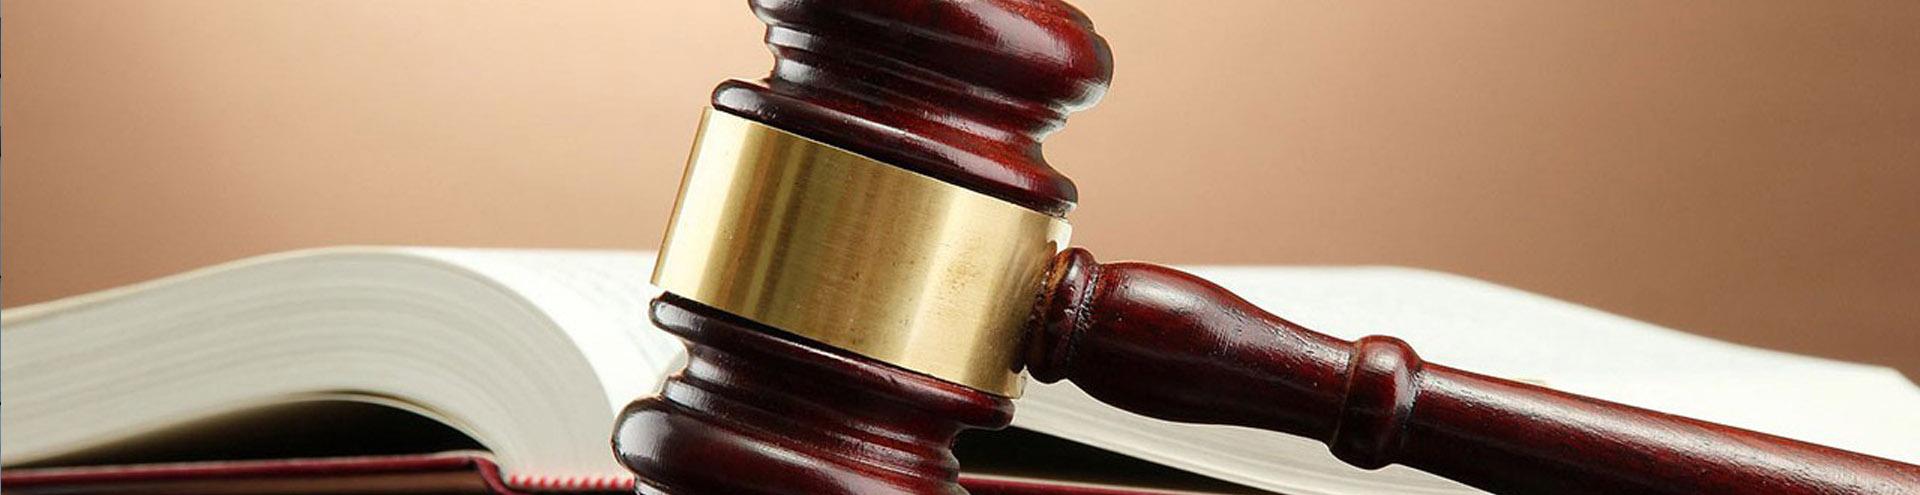 Подготовка жалобы, подготовка иска для подачи в суд в Липецке и Липецкой области